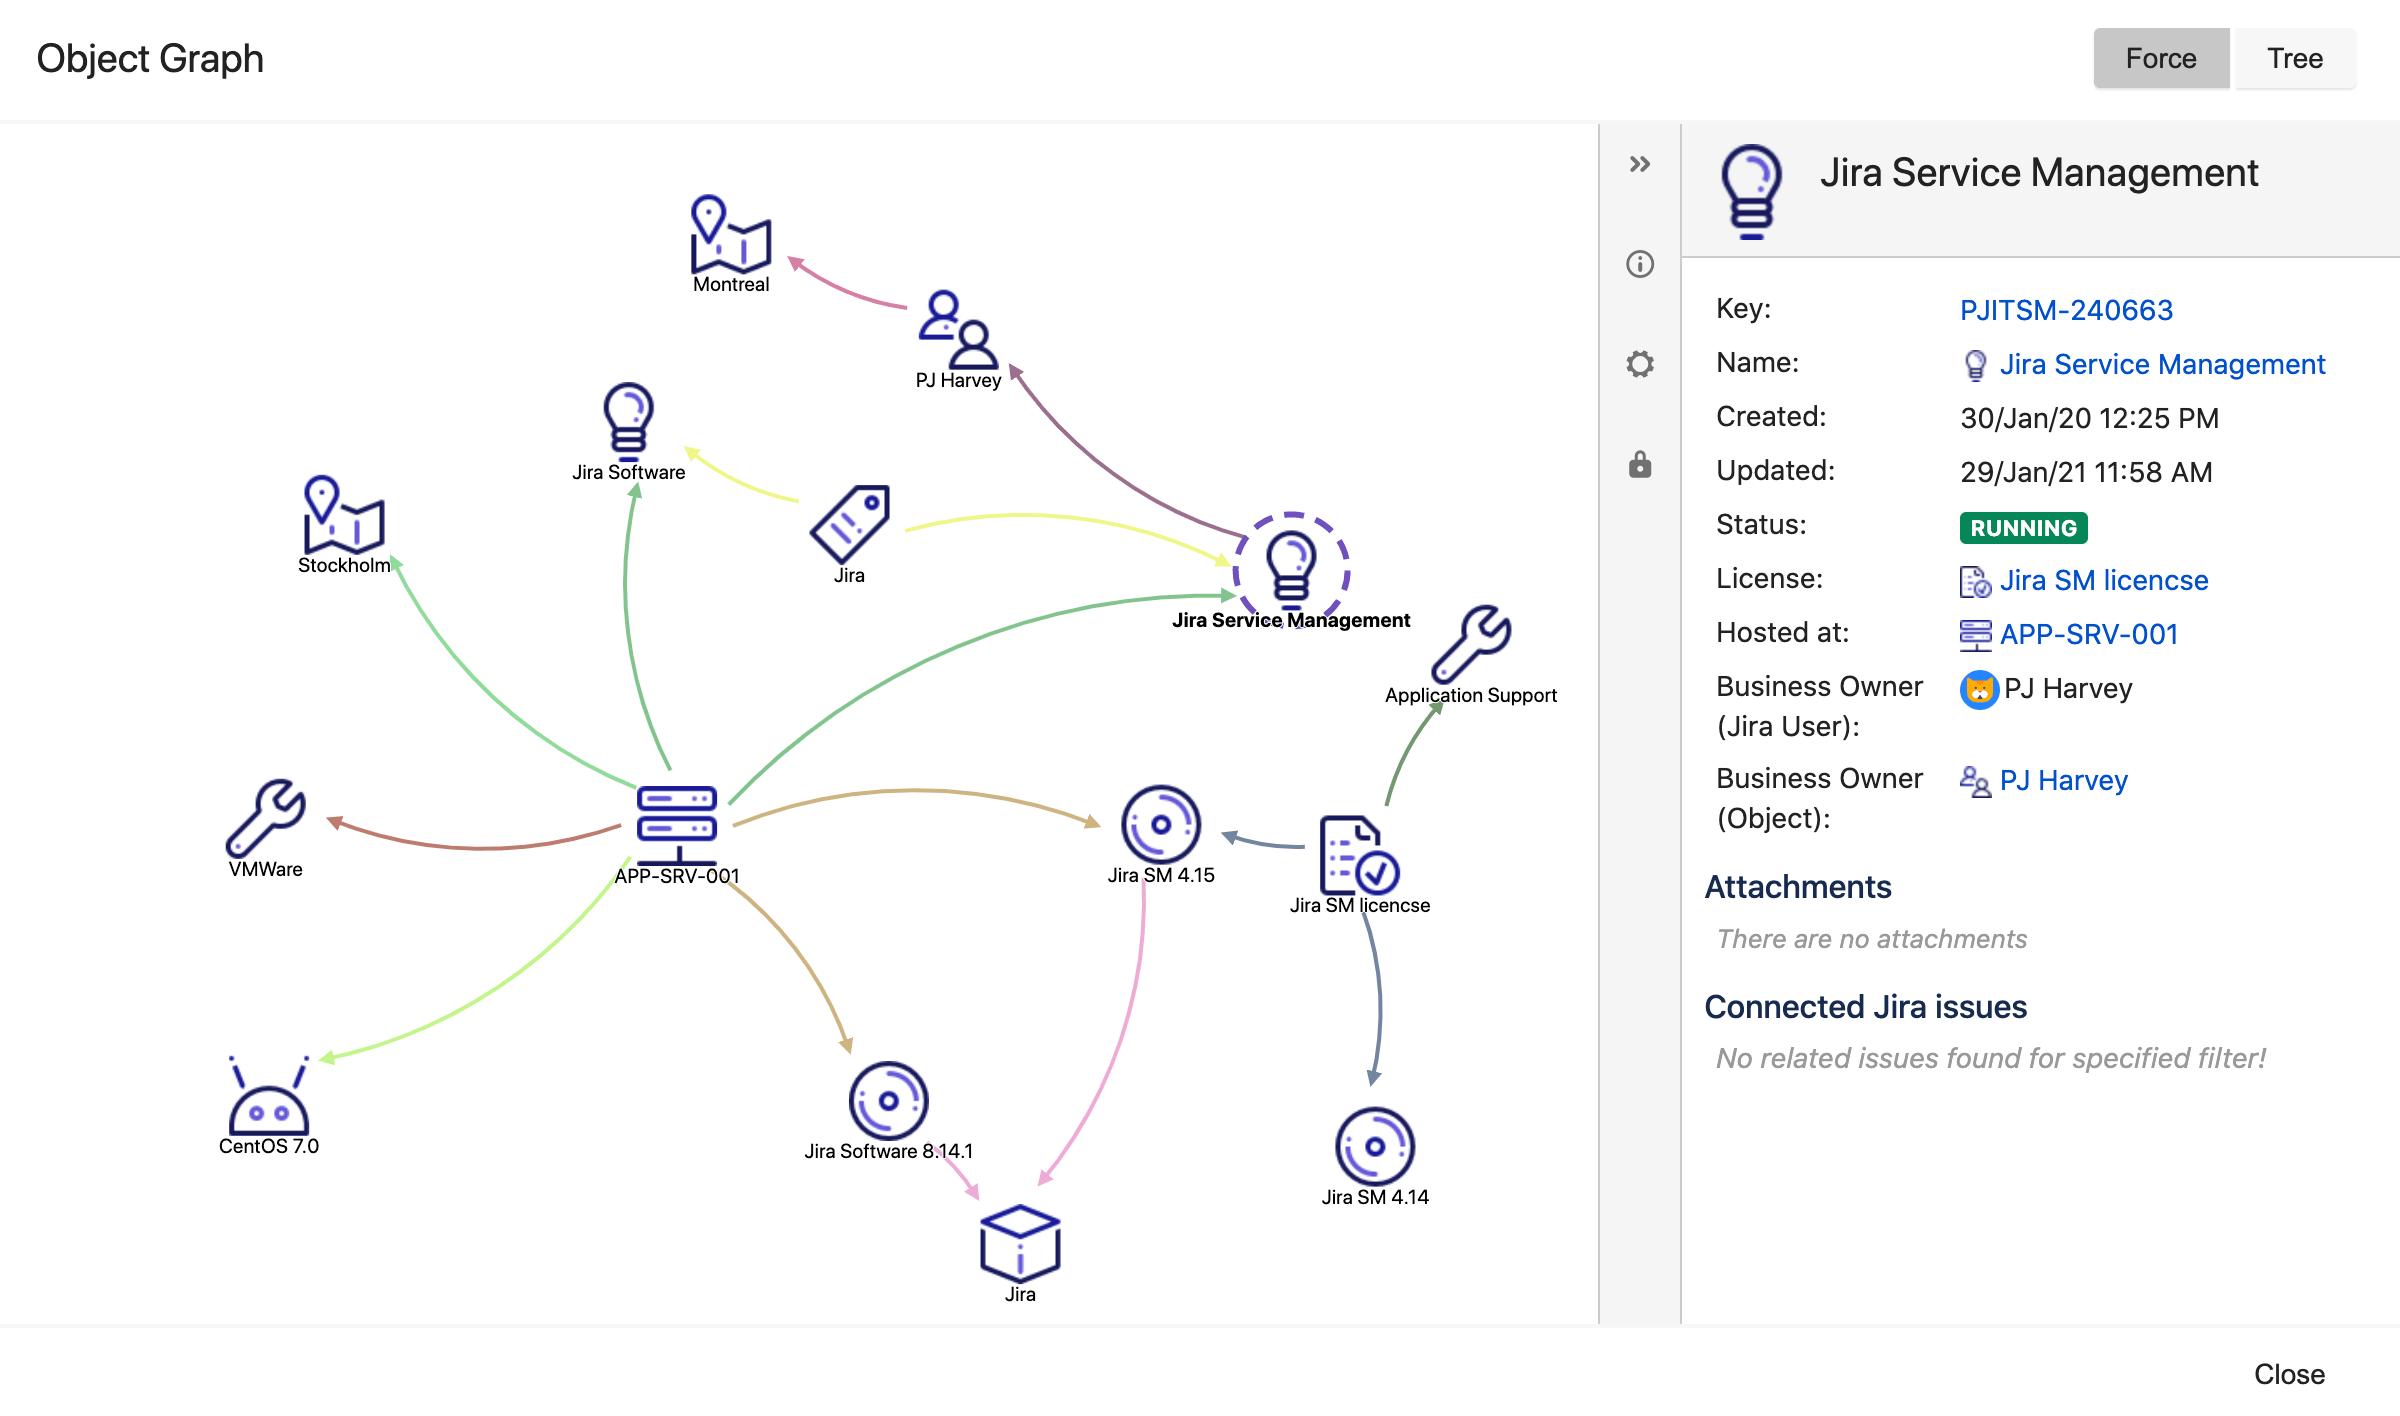 """Janela do visualizador gráfico do Insight para o objeto """"Jira Service Management"""". Exibindo dependências como os hosts em que está hospedado, o SO, as diferentes versões do Jira necessárias e a licença."""